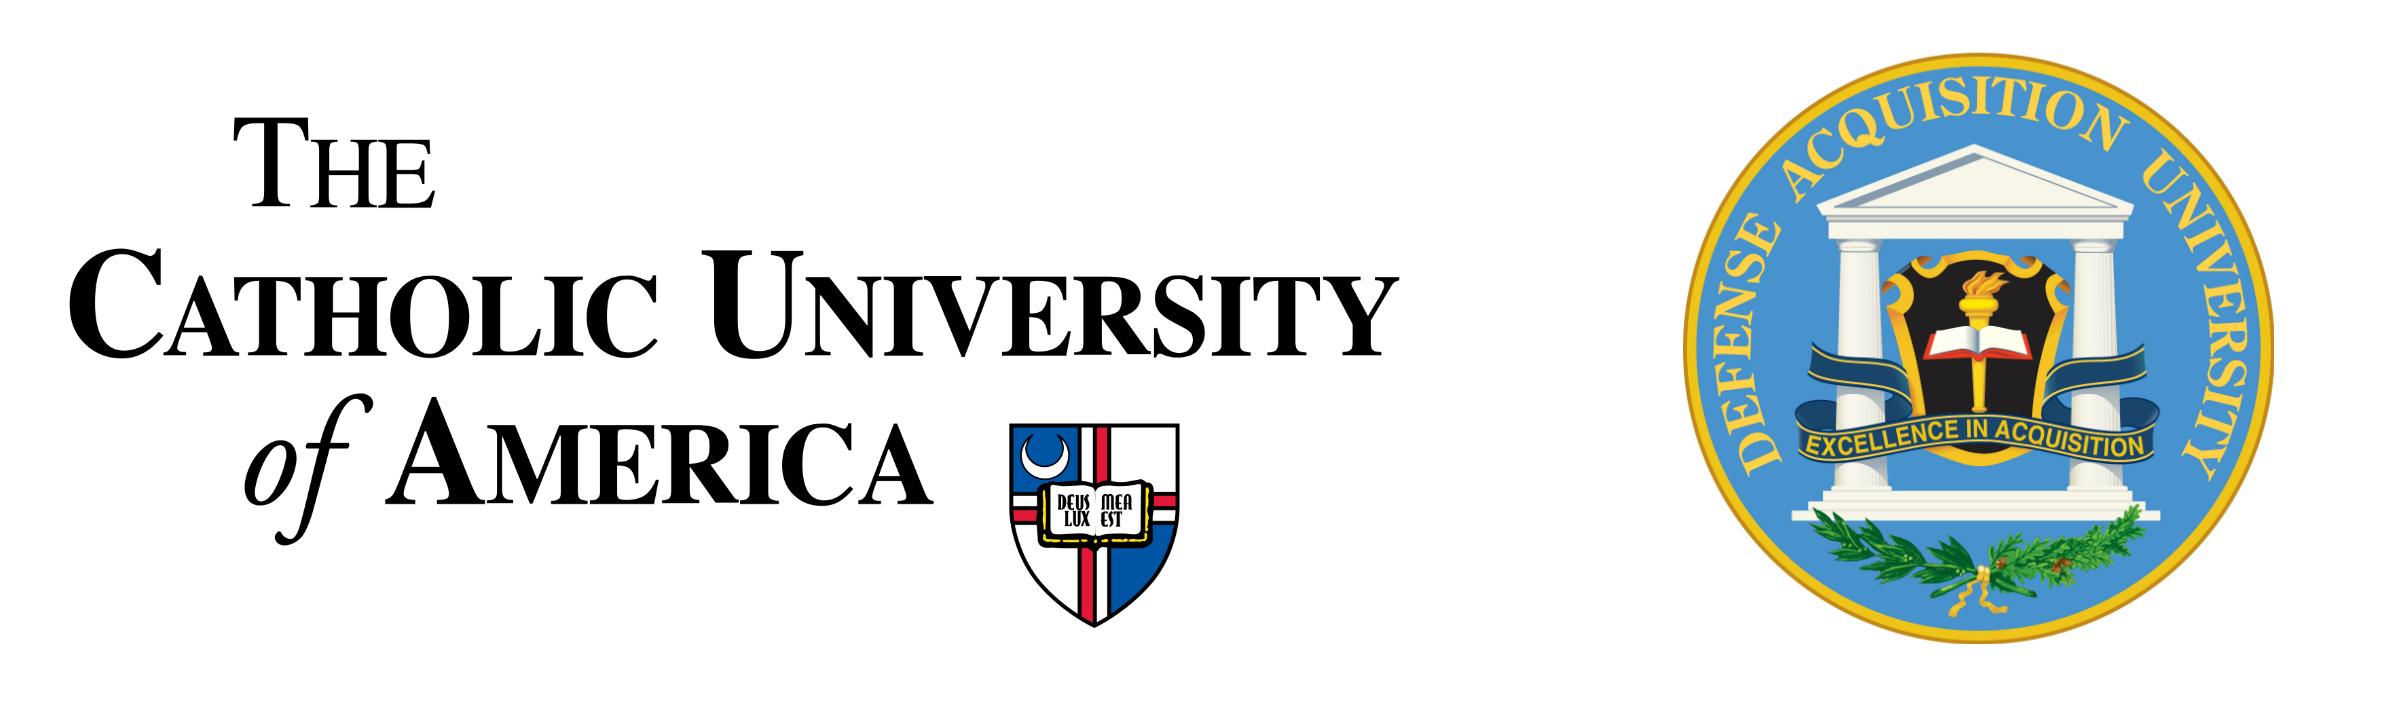 Dau Masters Engineering Management Catholic University